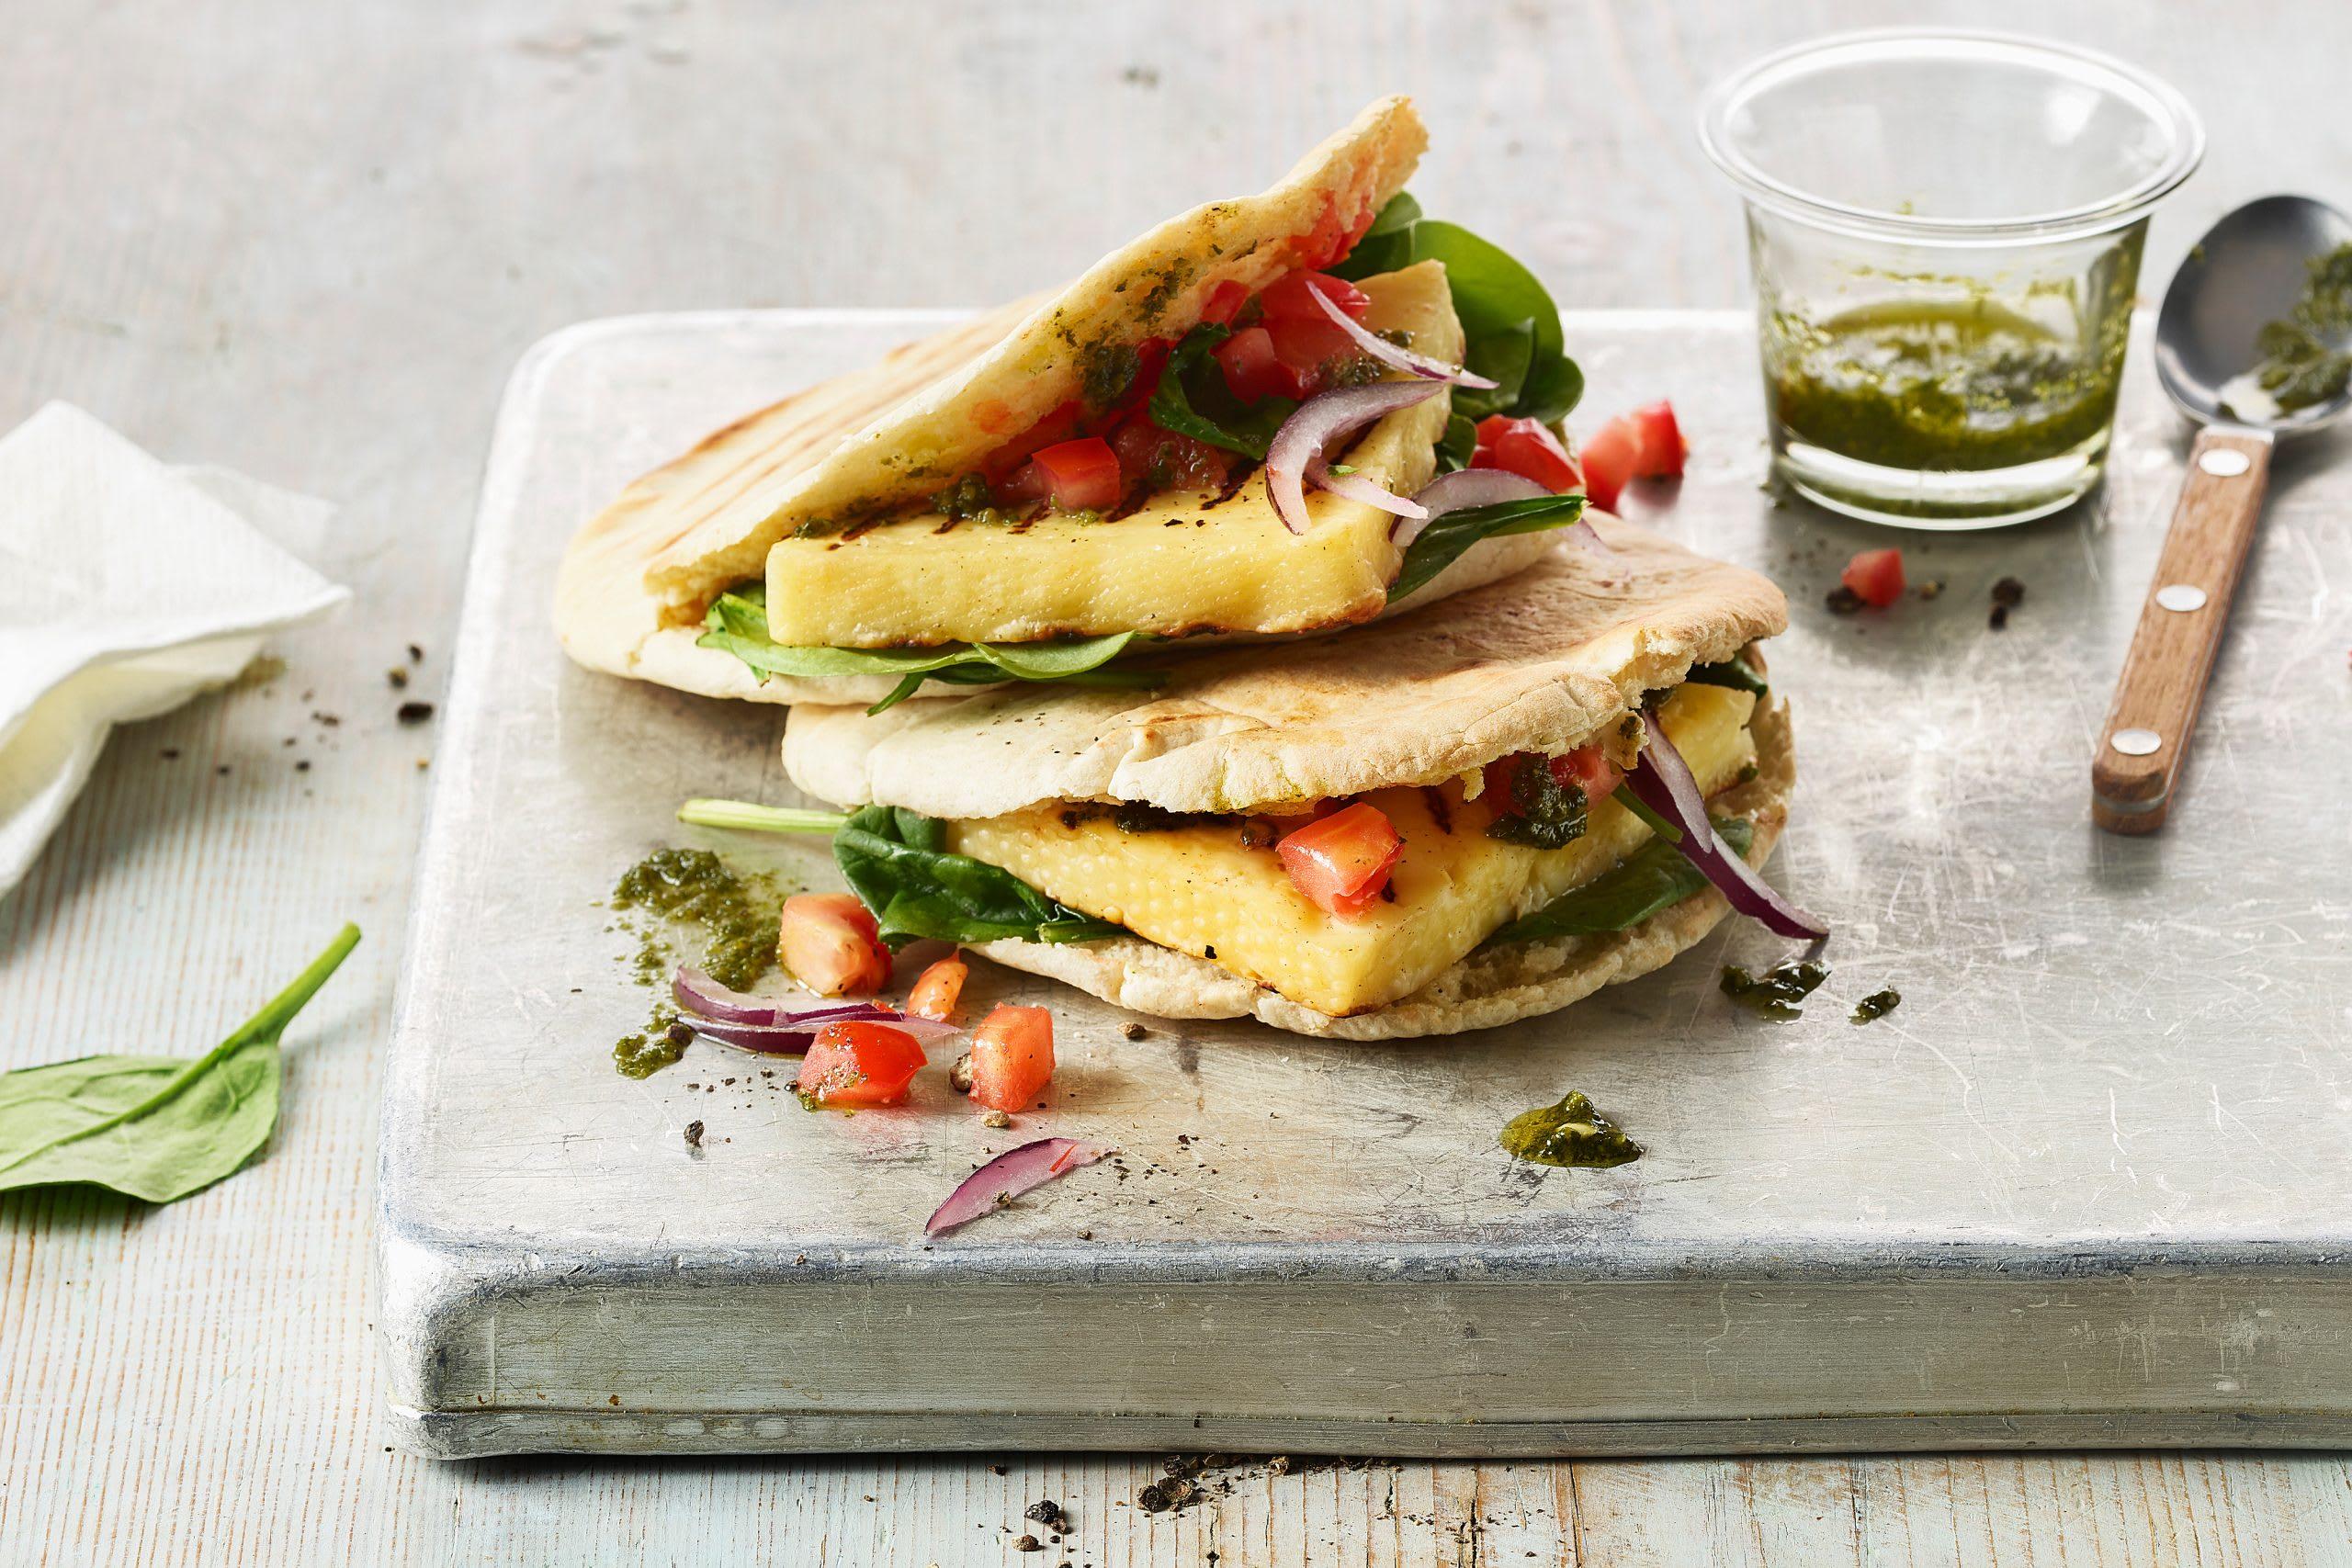 Sandwich au fromage grillé, aux épinards et aux tomates (avec pain pita)